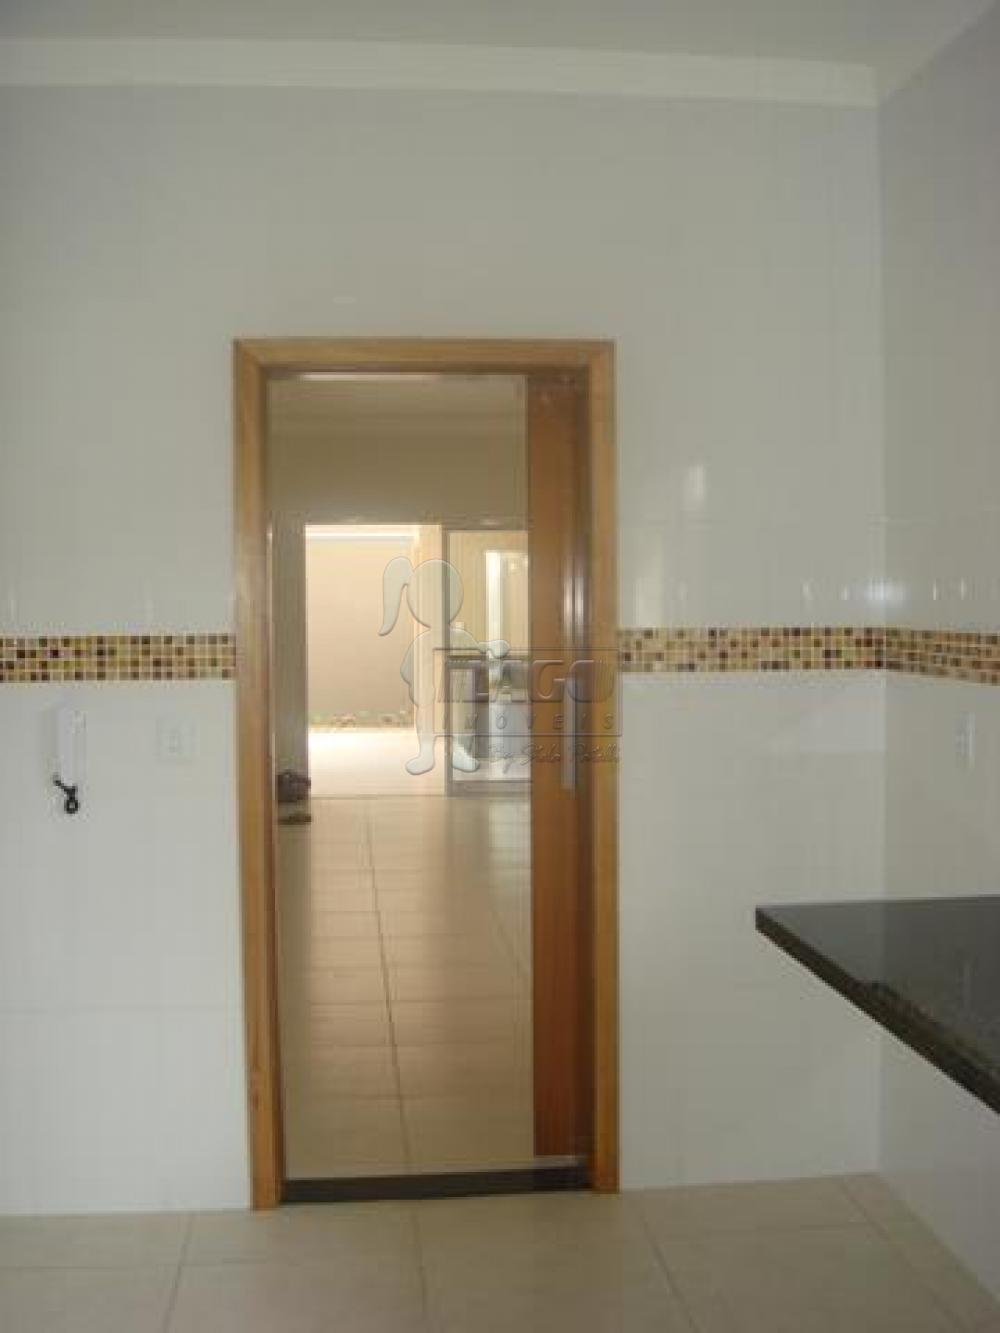 Comprar Casas / Padrão em Bonfim Paulista apenas R$ 500.000,00 - Foto 20